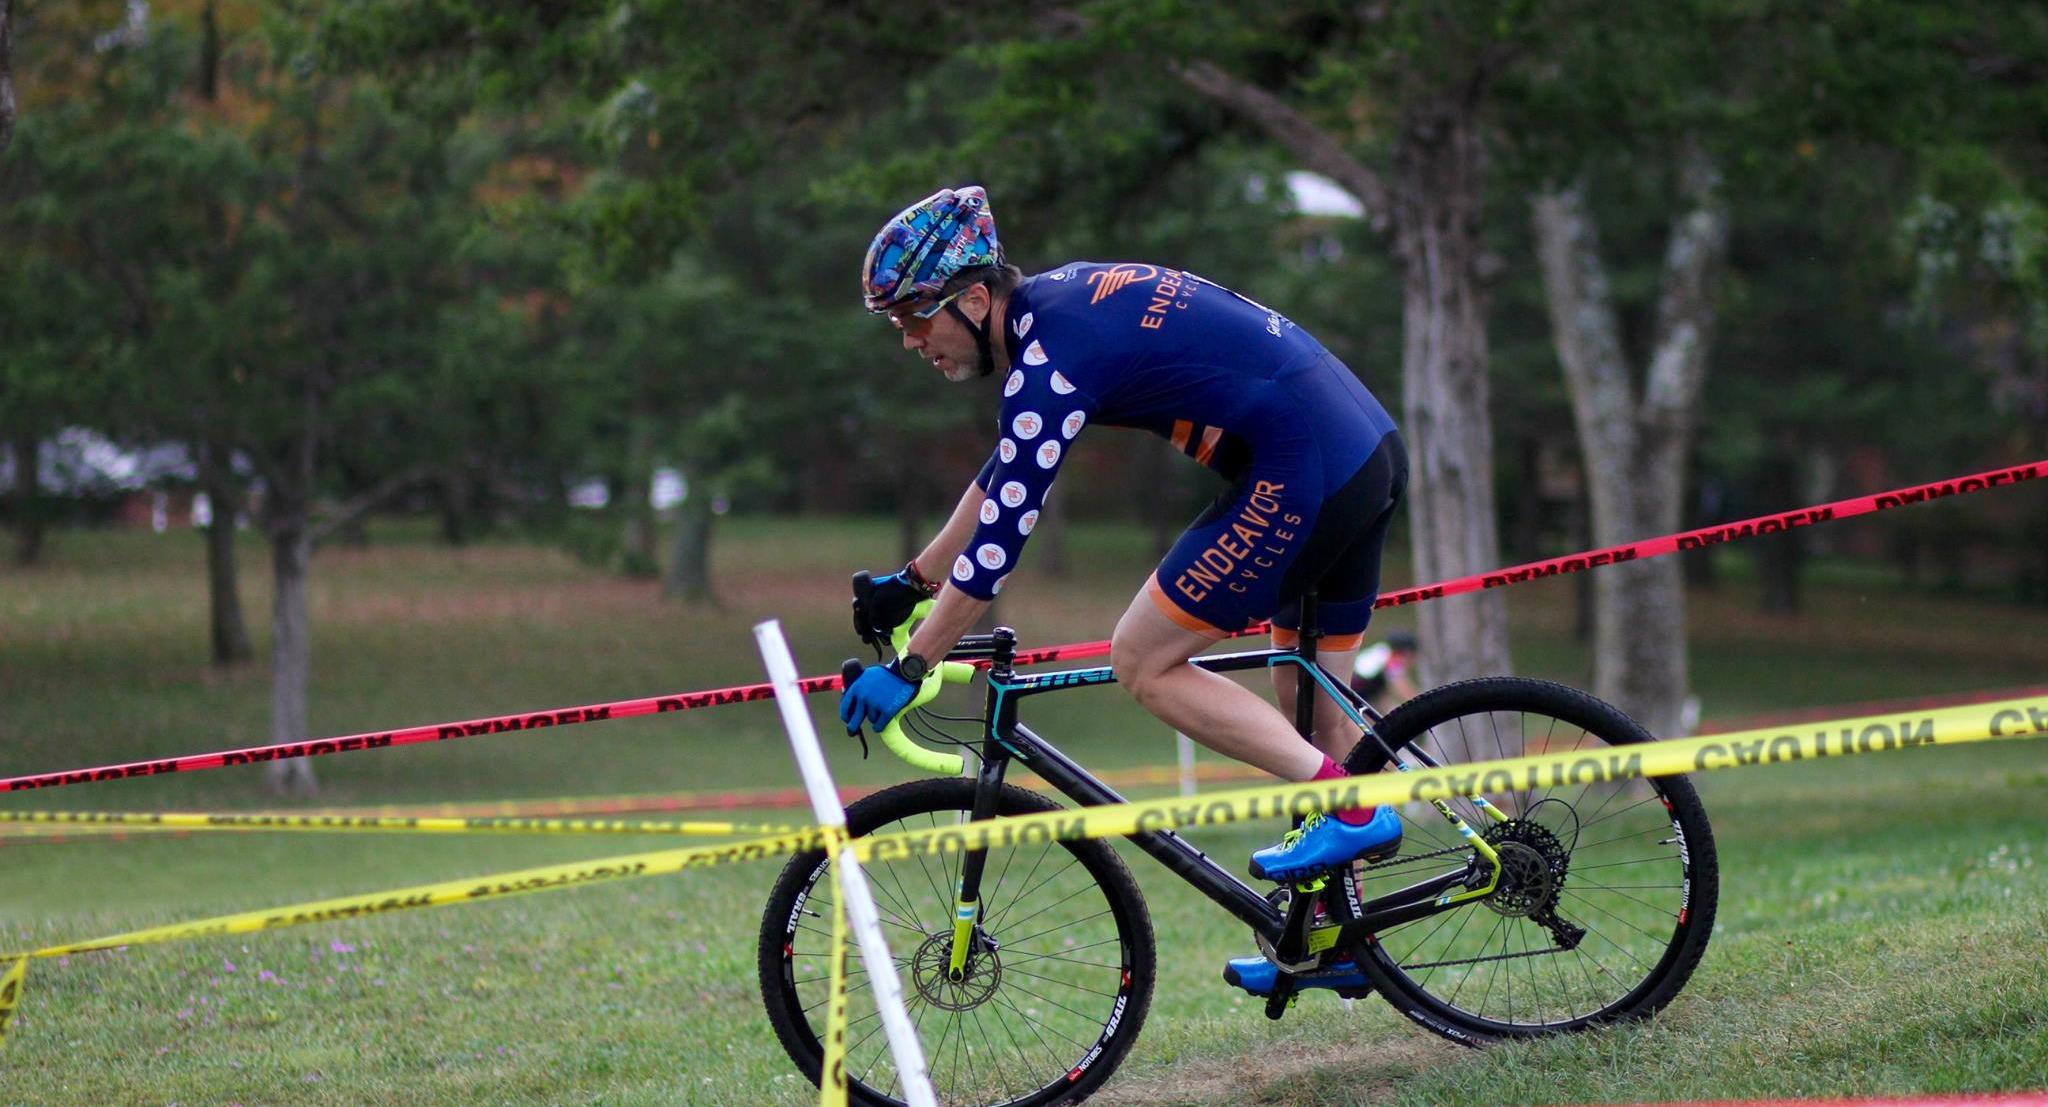 Jamie, Owner of Endeavor Cycles